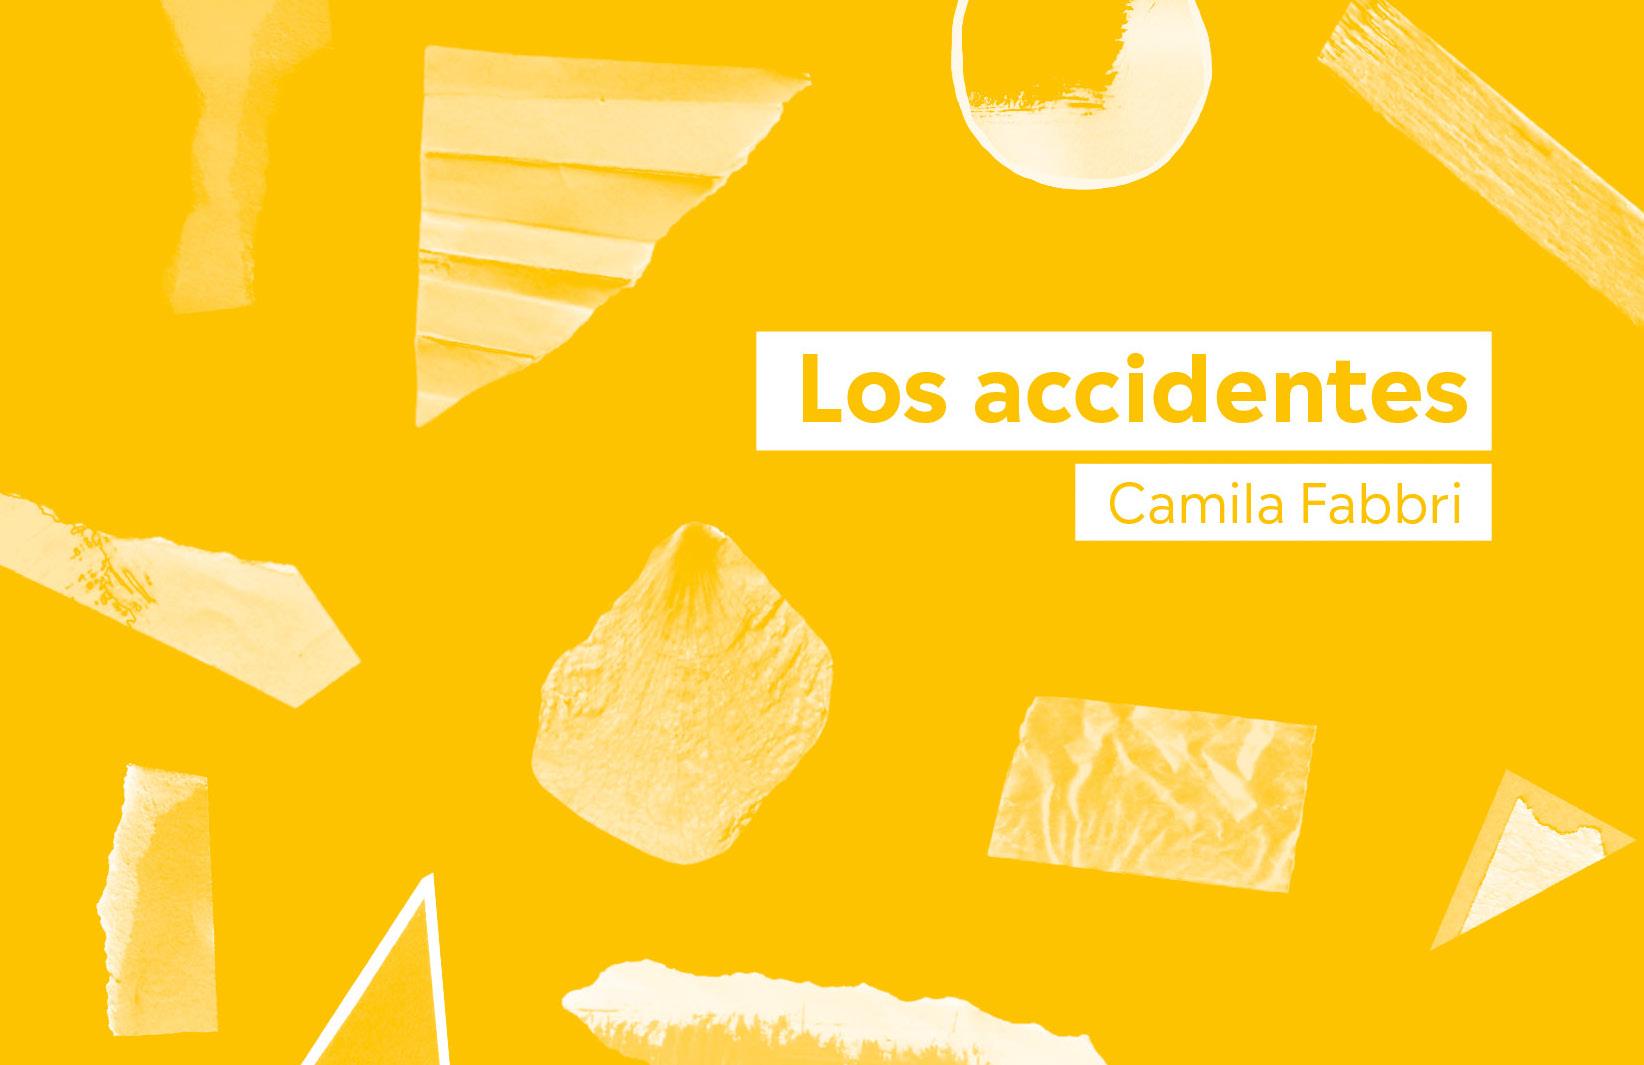 Lee un adelanto de Los Accidentes de Camila Fabbri y mejora exponencialmente tu día